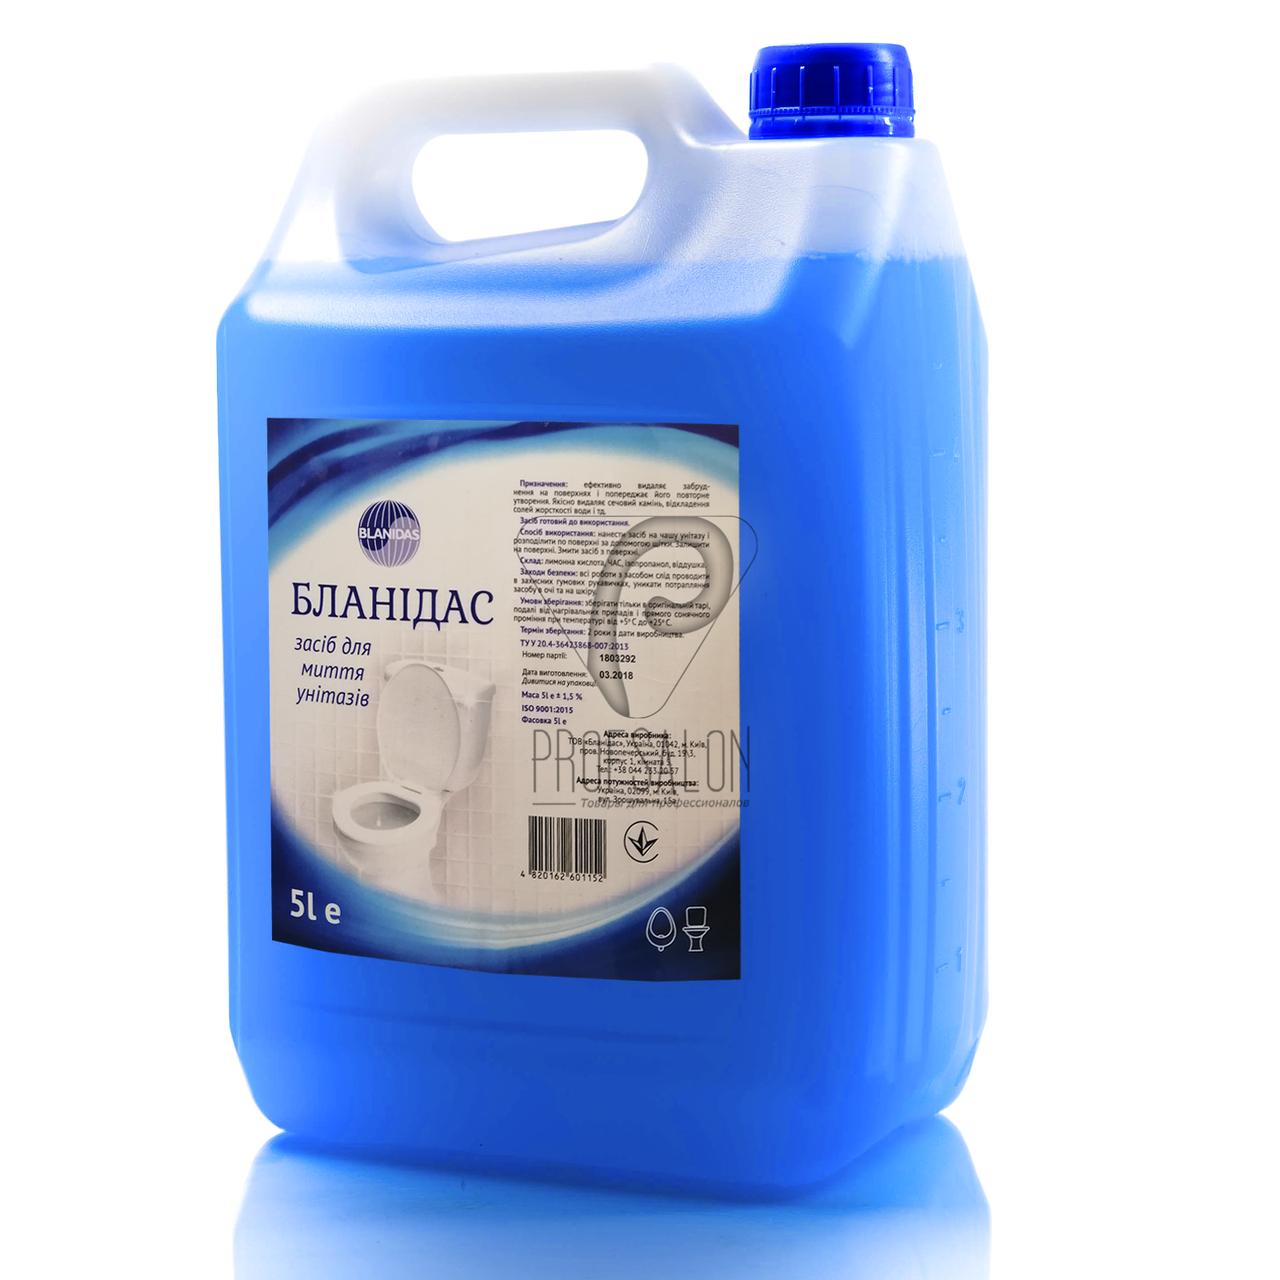 Средство для очистки санитарно-технического оборудования, унитазов, Бланидас, 5л